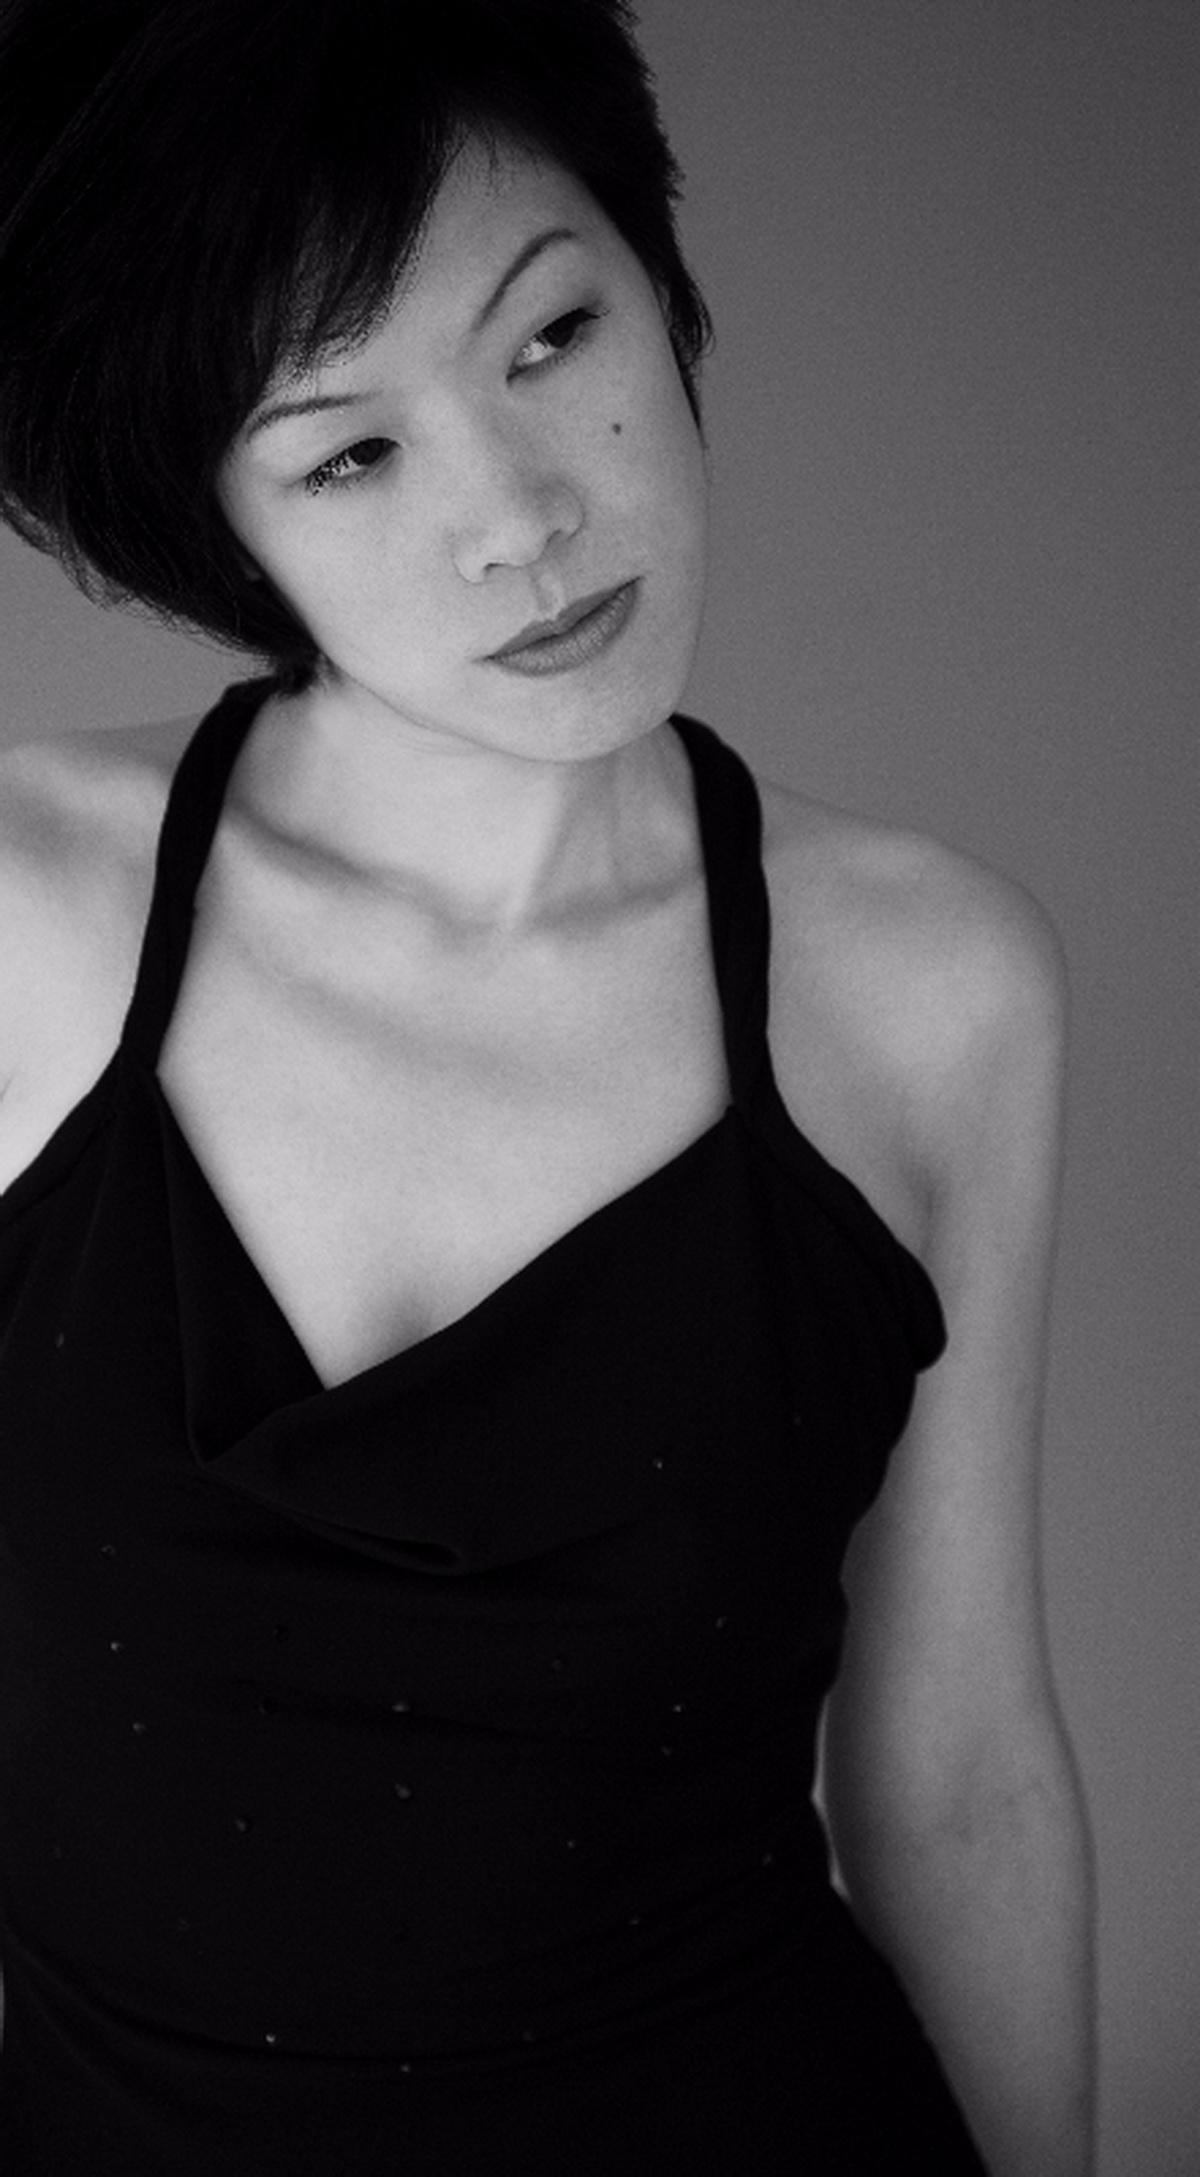 女歌手唐么玫有著少見的磁性低沈沙啞的獨特嗓音.jpg